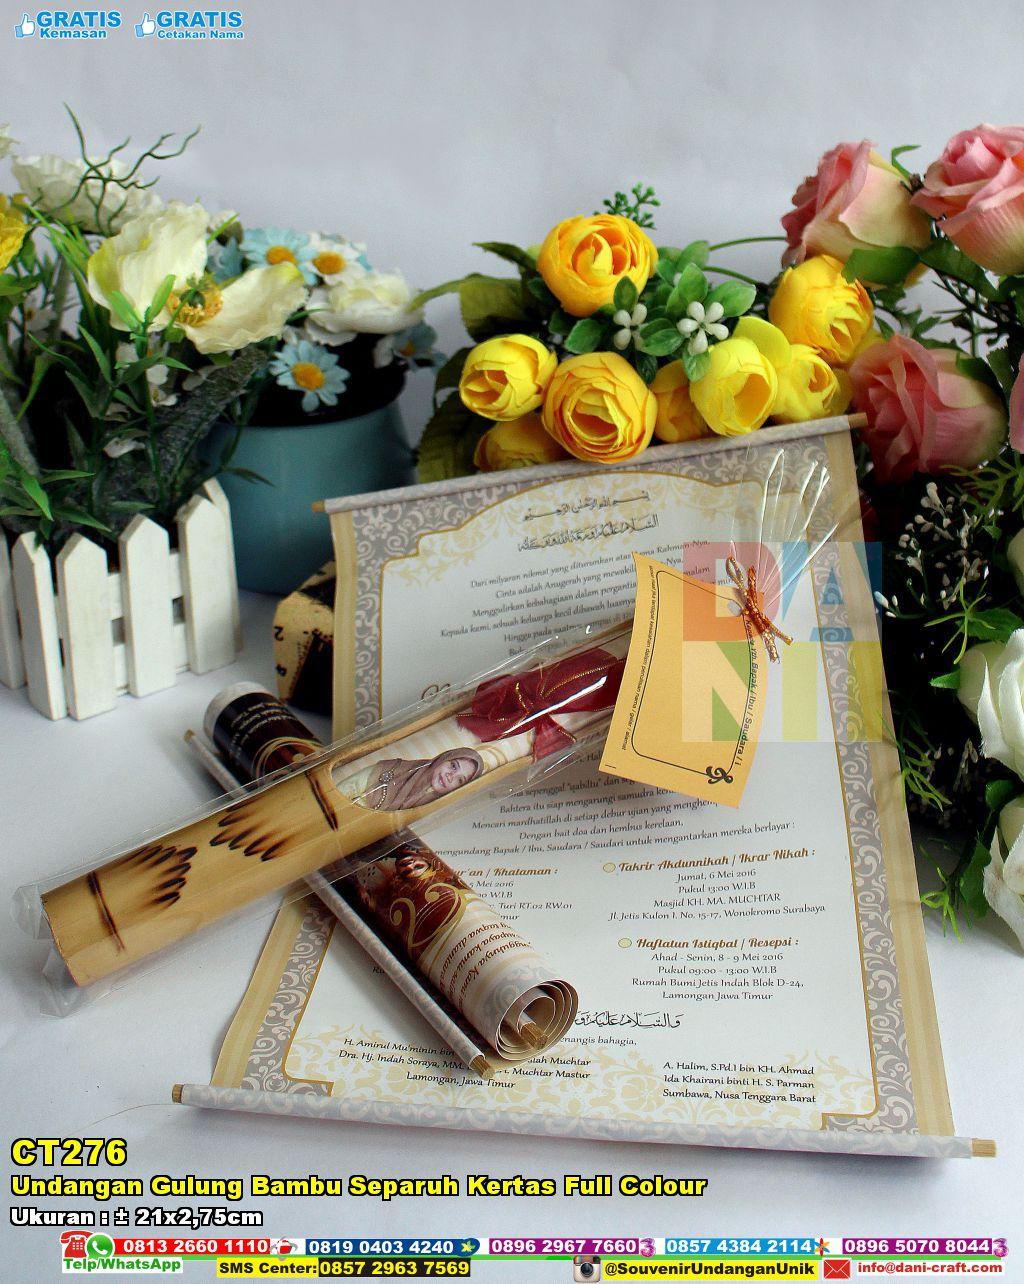 Undangan Gulung Bambu Separuh Kertas Full Colour  Souvenir Pernikahan